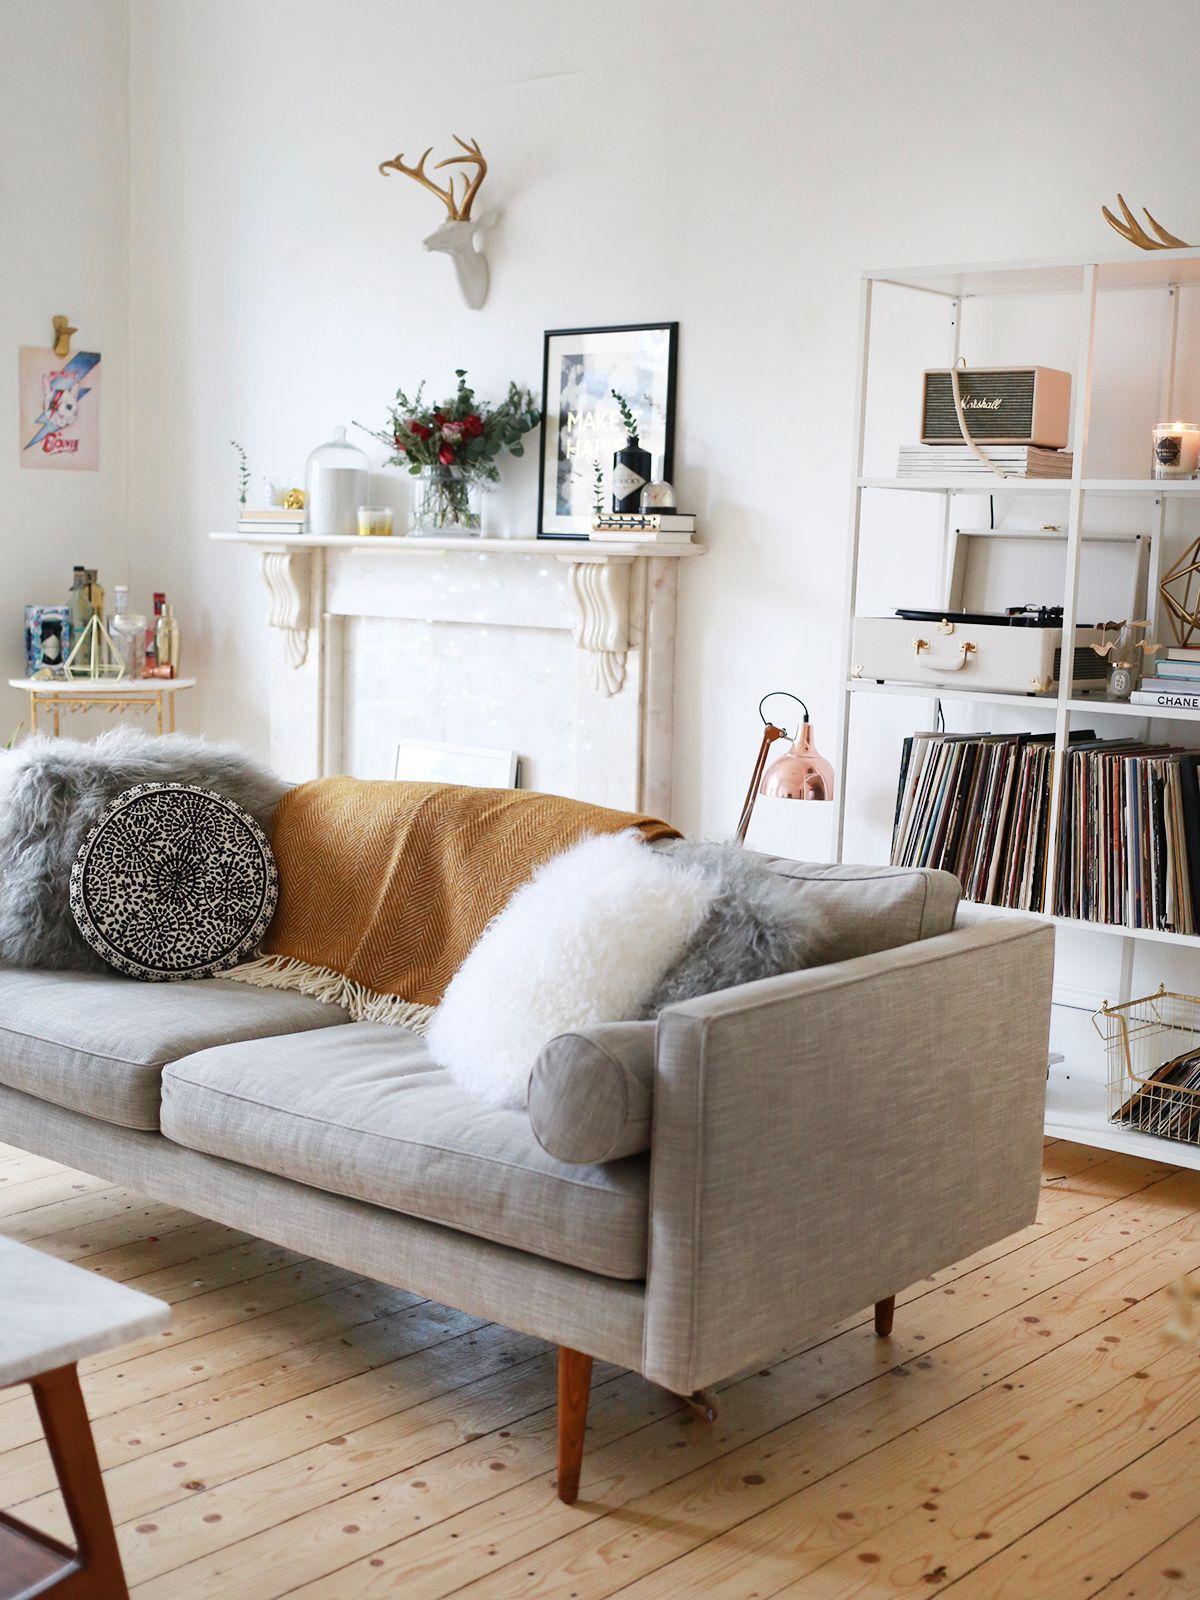 la photo salon moderne est un sujet qui vous parle de design intrieur il vous montre galement des images de salles de sjour contemporaines et modernes - Salon Moderne Entissu